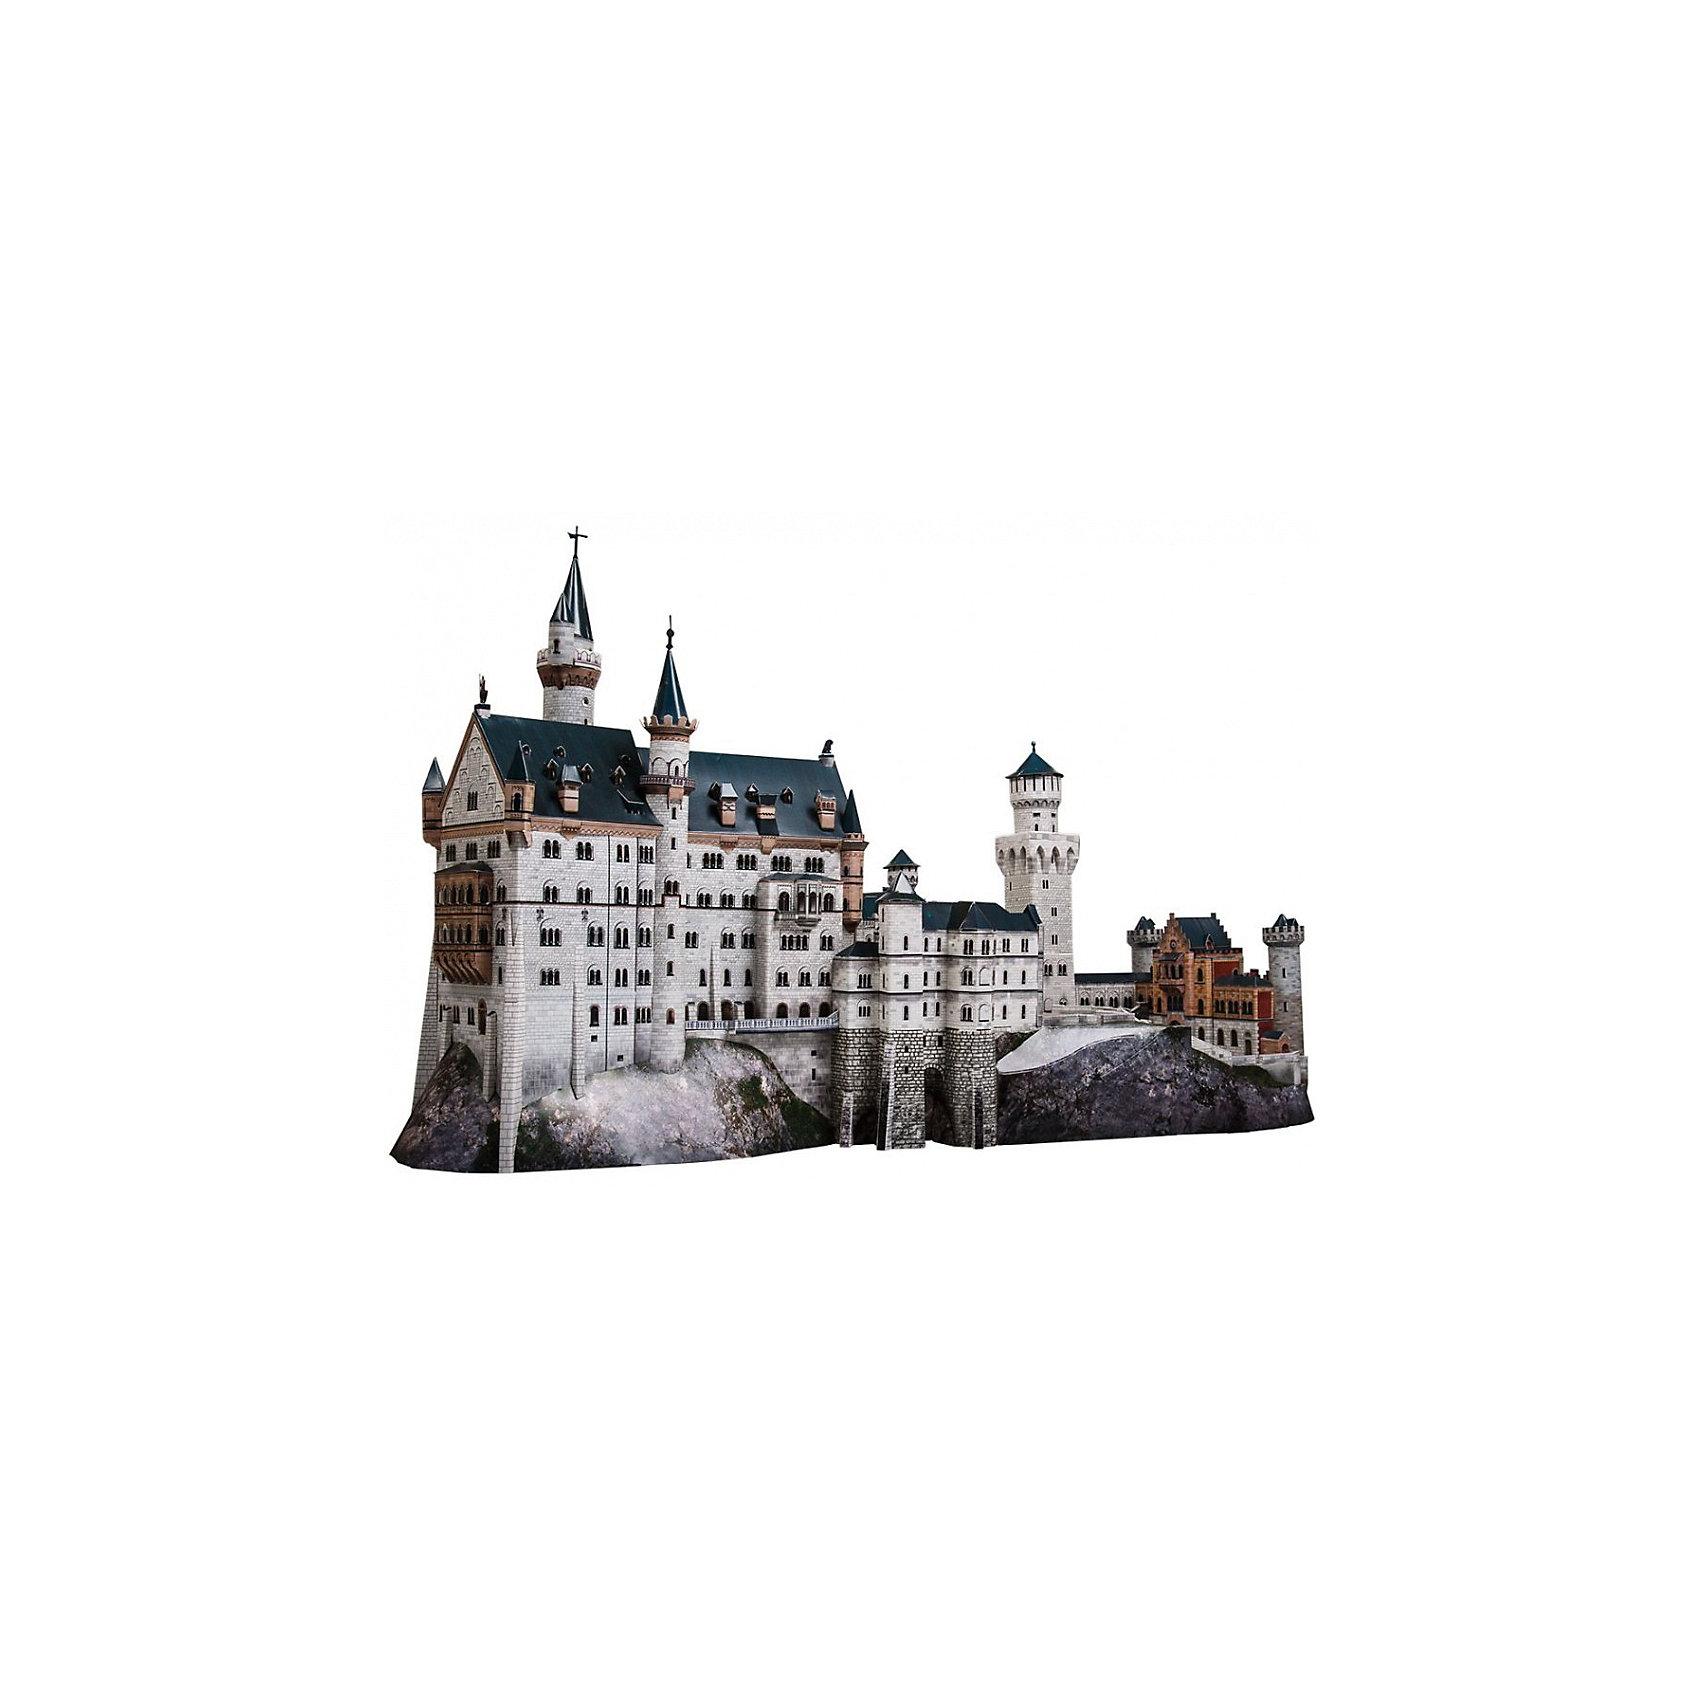 Сборная модель Замок NeuschwansteinЗамок Neuschwanstein - cборная модель из картона. Серия: Масштабные модели. Количество деталей, шт: 359. Размер в собранном виде, см: 64 х 36 х 24. Размер упаковки, мм.:  высота 368 ширина 252 глубина 23. Тип упаковки: Картонная коробка. Вес, гр.: 556. Возраст: от 12 лет. Все модели и игрушки, созданные по технологии УМНАЯ БУМАГА собираются без ножниц и клея, что является их неповторимой особенностью.<br>Принцип соединения деталей запатентован. Соединения деталей продуманы и просчитаны с такой точностью, что при правильной сборке с моделью можно играть, как с обычной игрушкой.<br><br>Ширина мм: 252<br>Глубина мм: 23<br>Высота мм: 368<br>Вес г: 556<br>Возраст от месяцев: 144<br>Возраст до месяцев: 2147483647<br>Пол: Унисекс<br>Возраст: Детский<br>SKU: 4807398